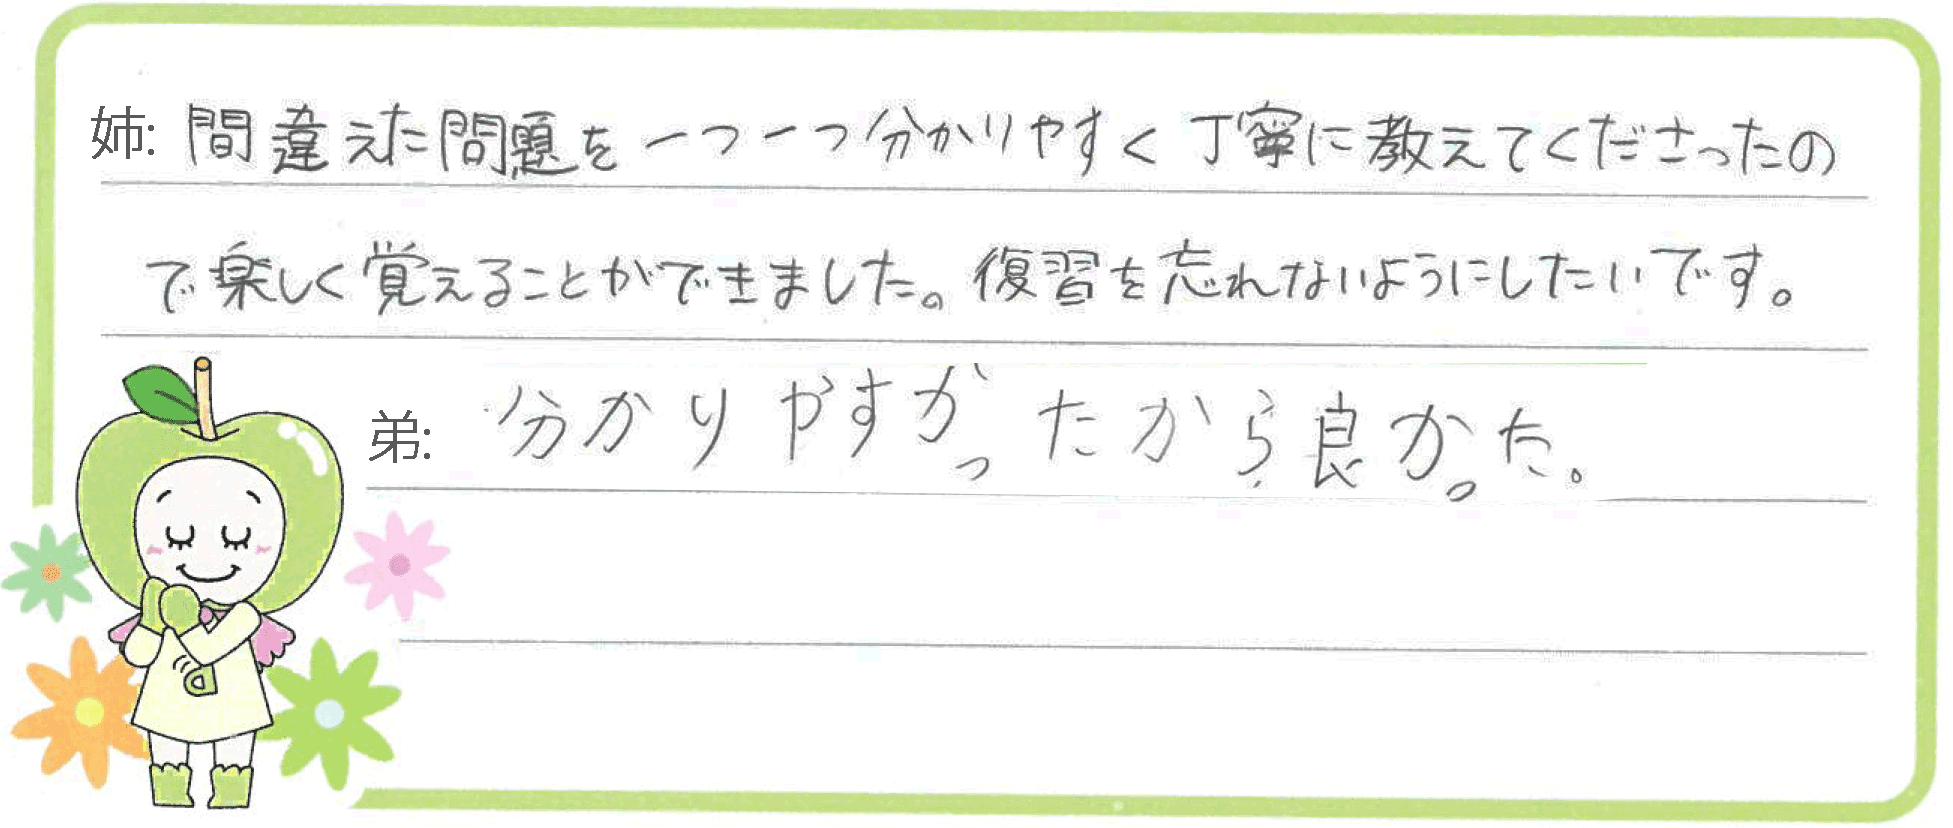 Tちゃん・Y君(愛知郡東郷町)からの口コミ